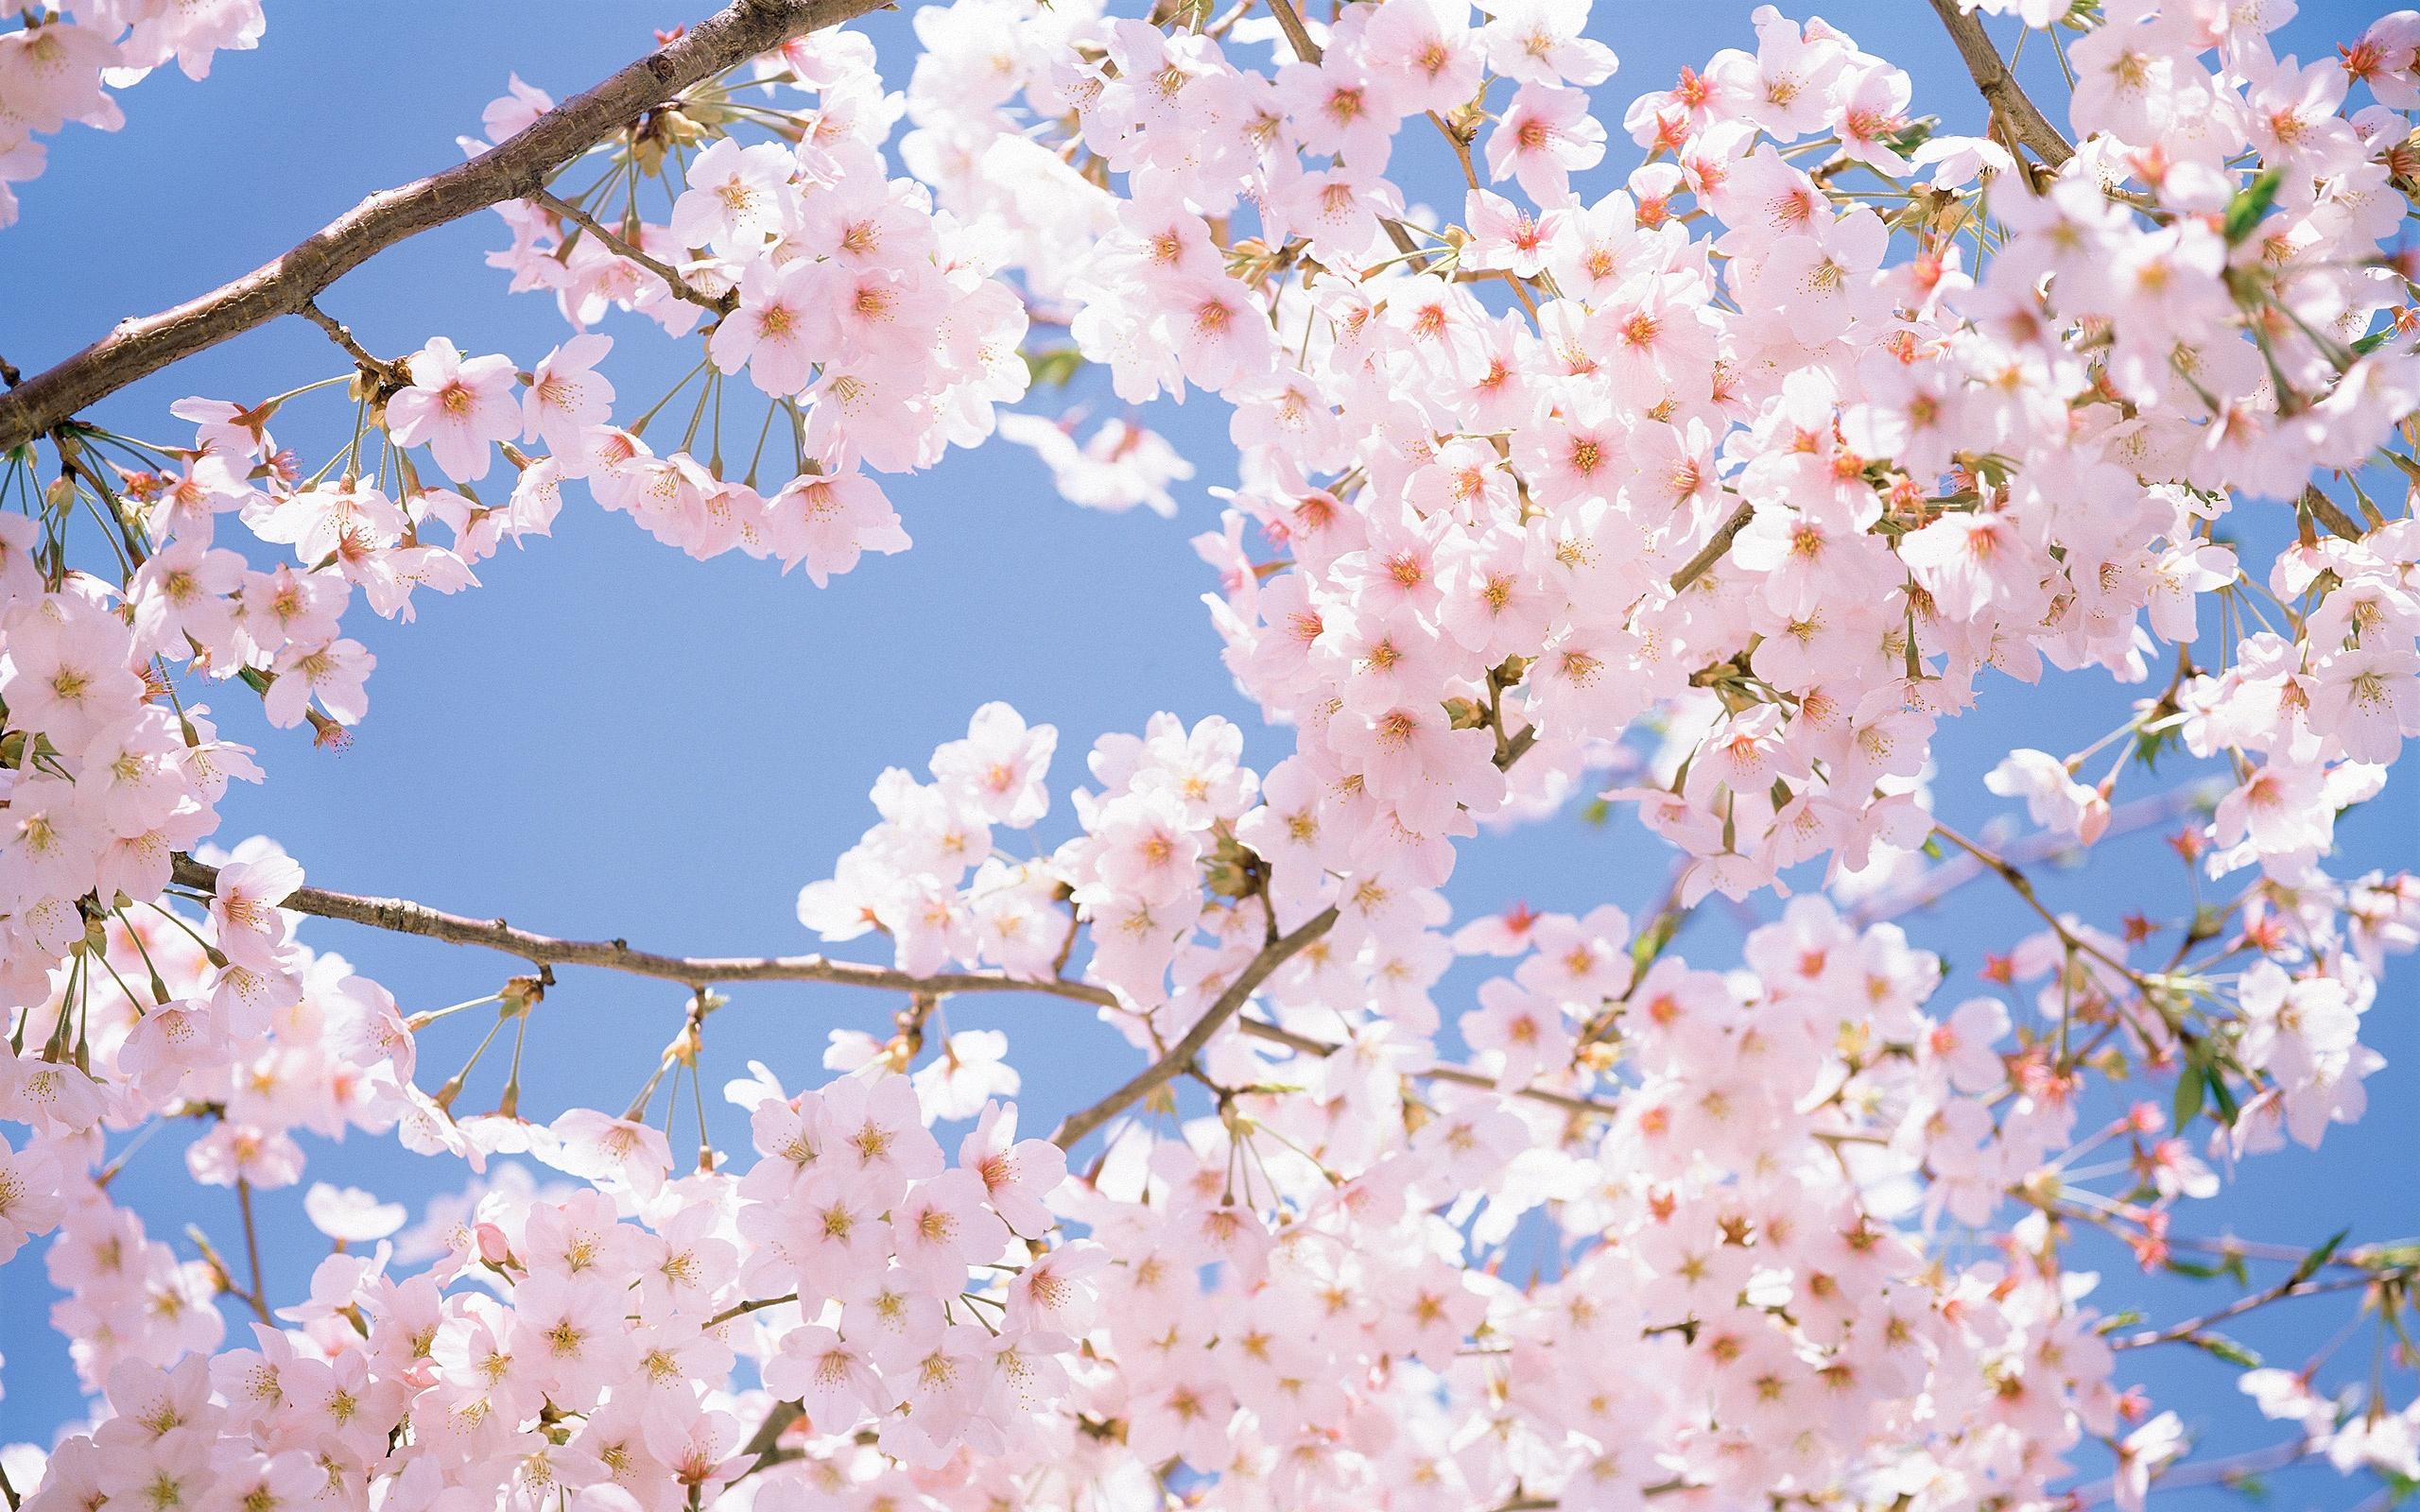 Sakura Blossom clipart tumblr backgrounds #1